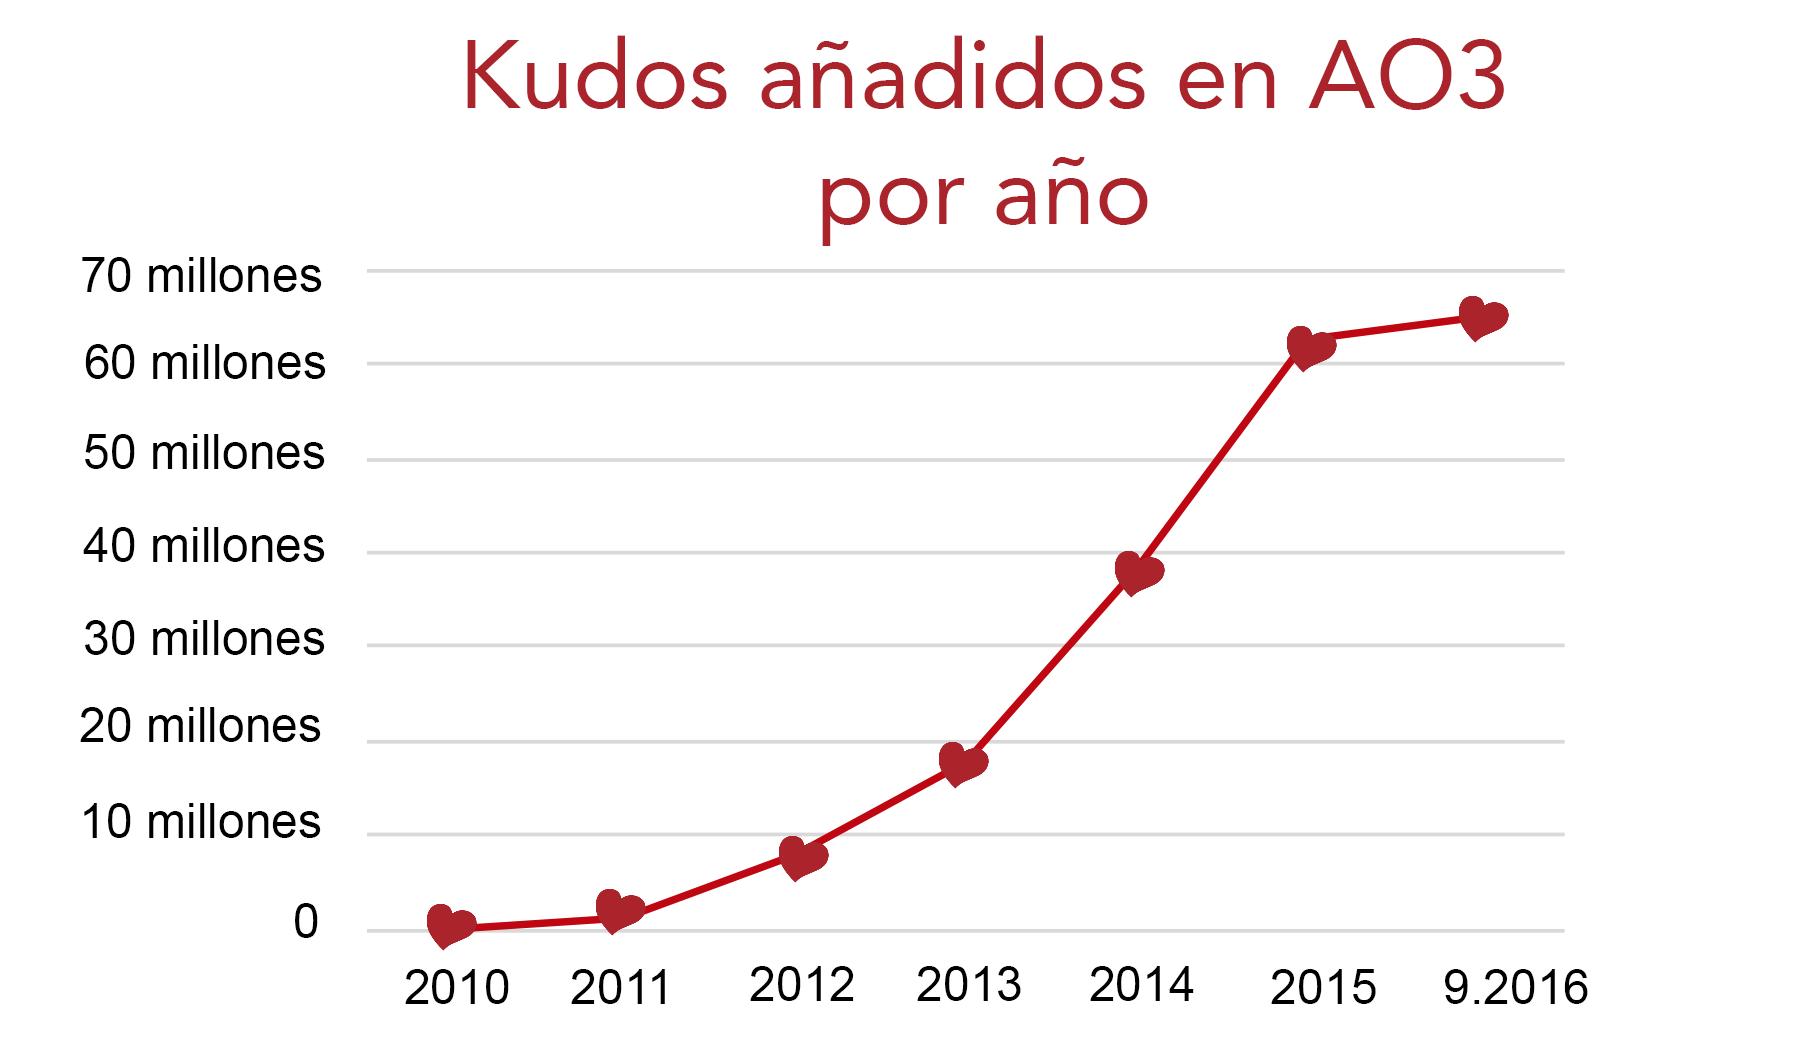 Gráfico de crecimiento de kudos en AO3, de cero en 2010 a más de 60 millones hasta septiembre de 2016.